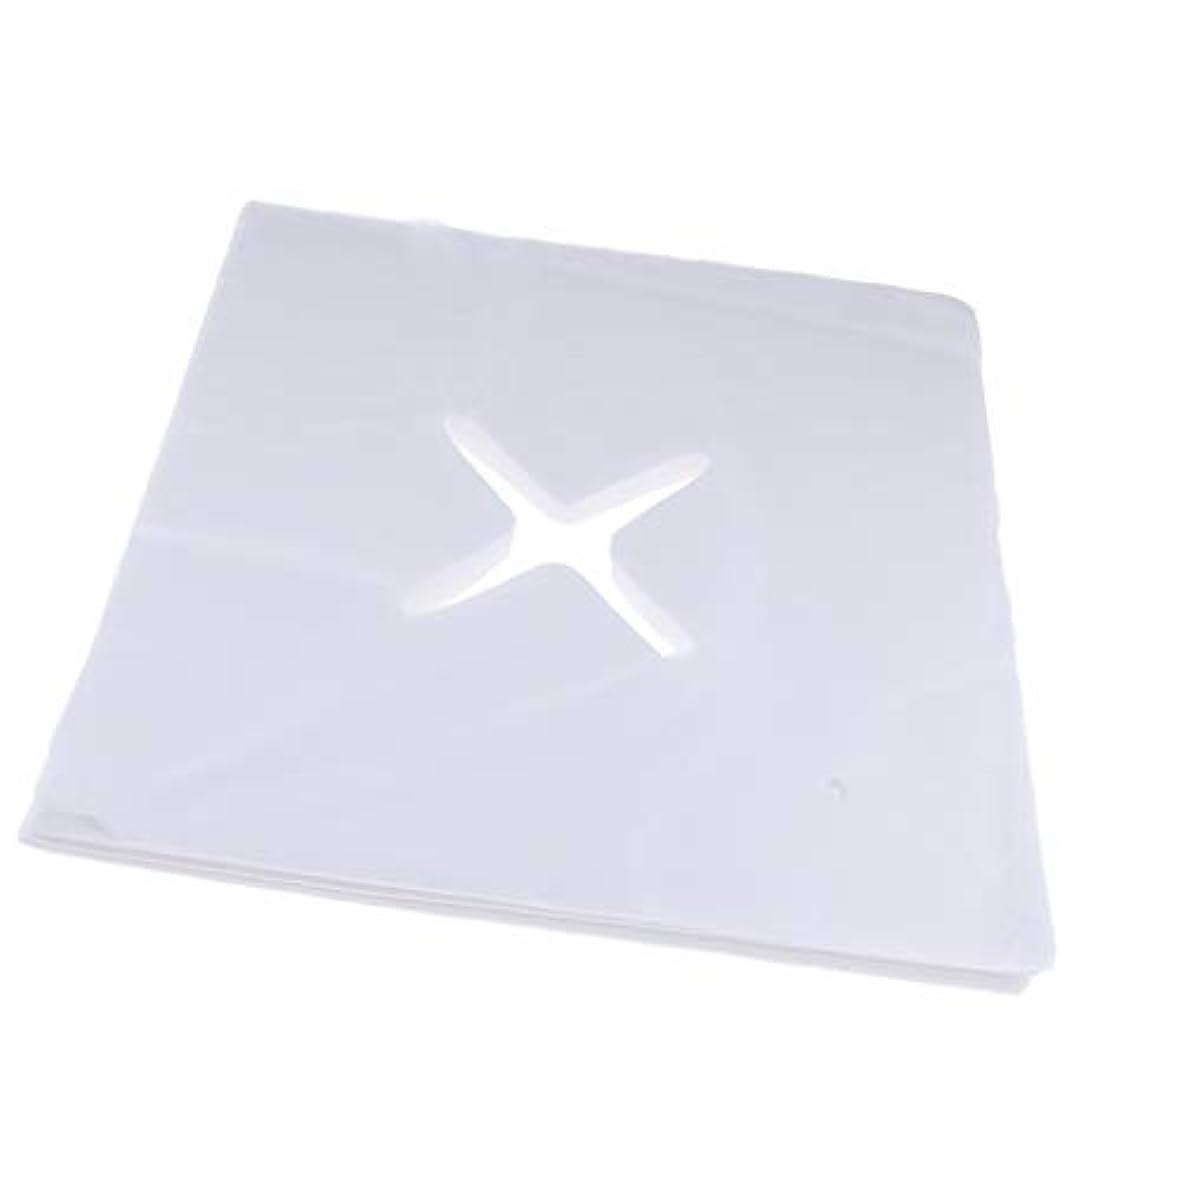 慰めのり劇作家FLAMEER 約200枚 十字カット 使い捨て ピローシート フェイスカバー 枕カバー クッション S/M - L